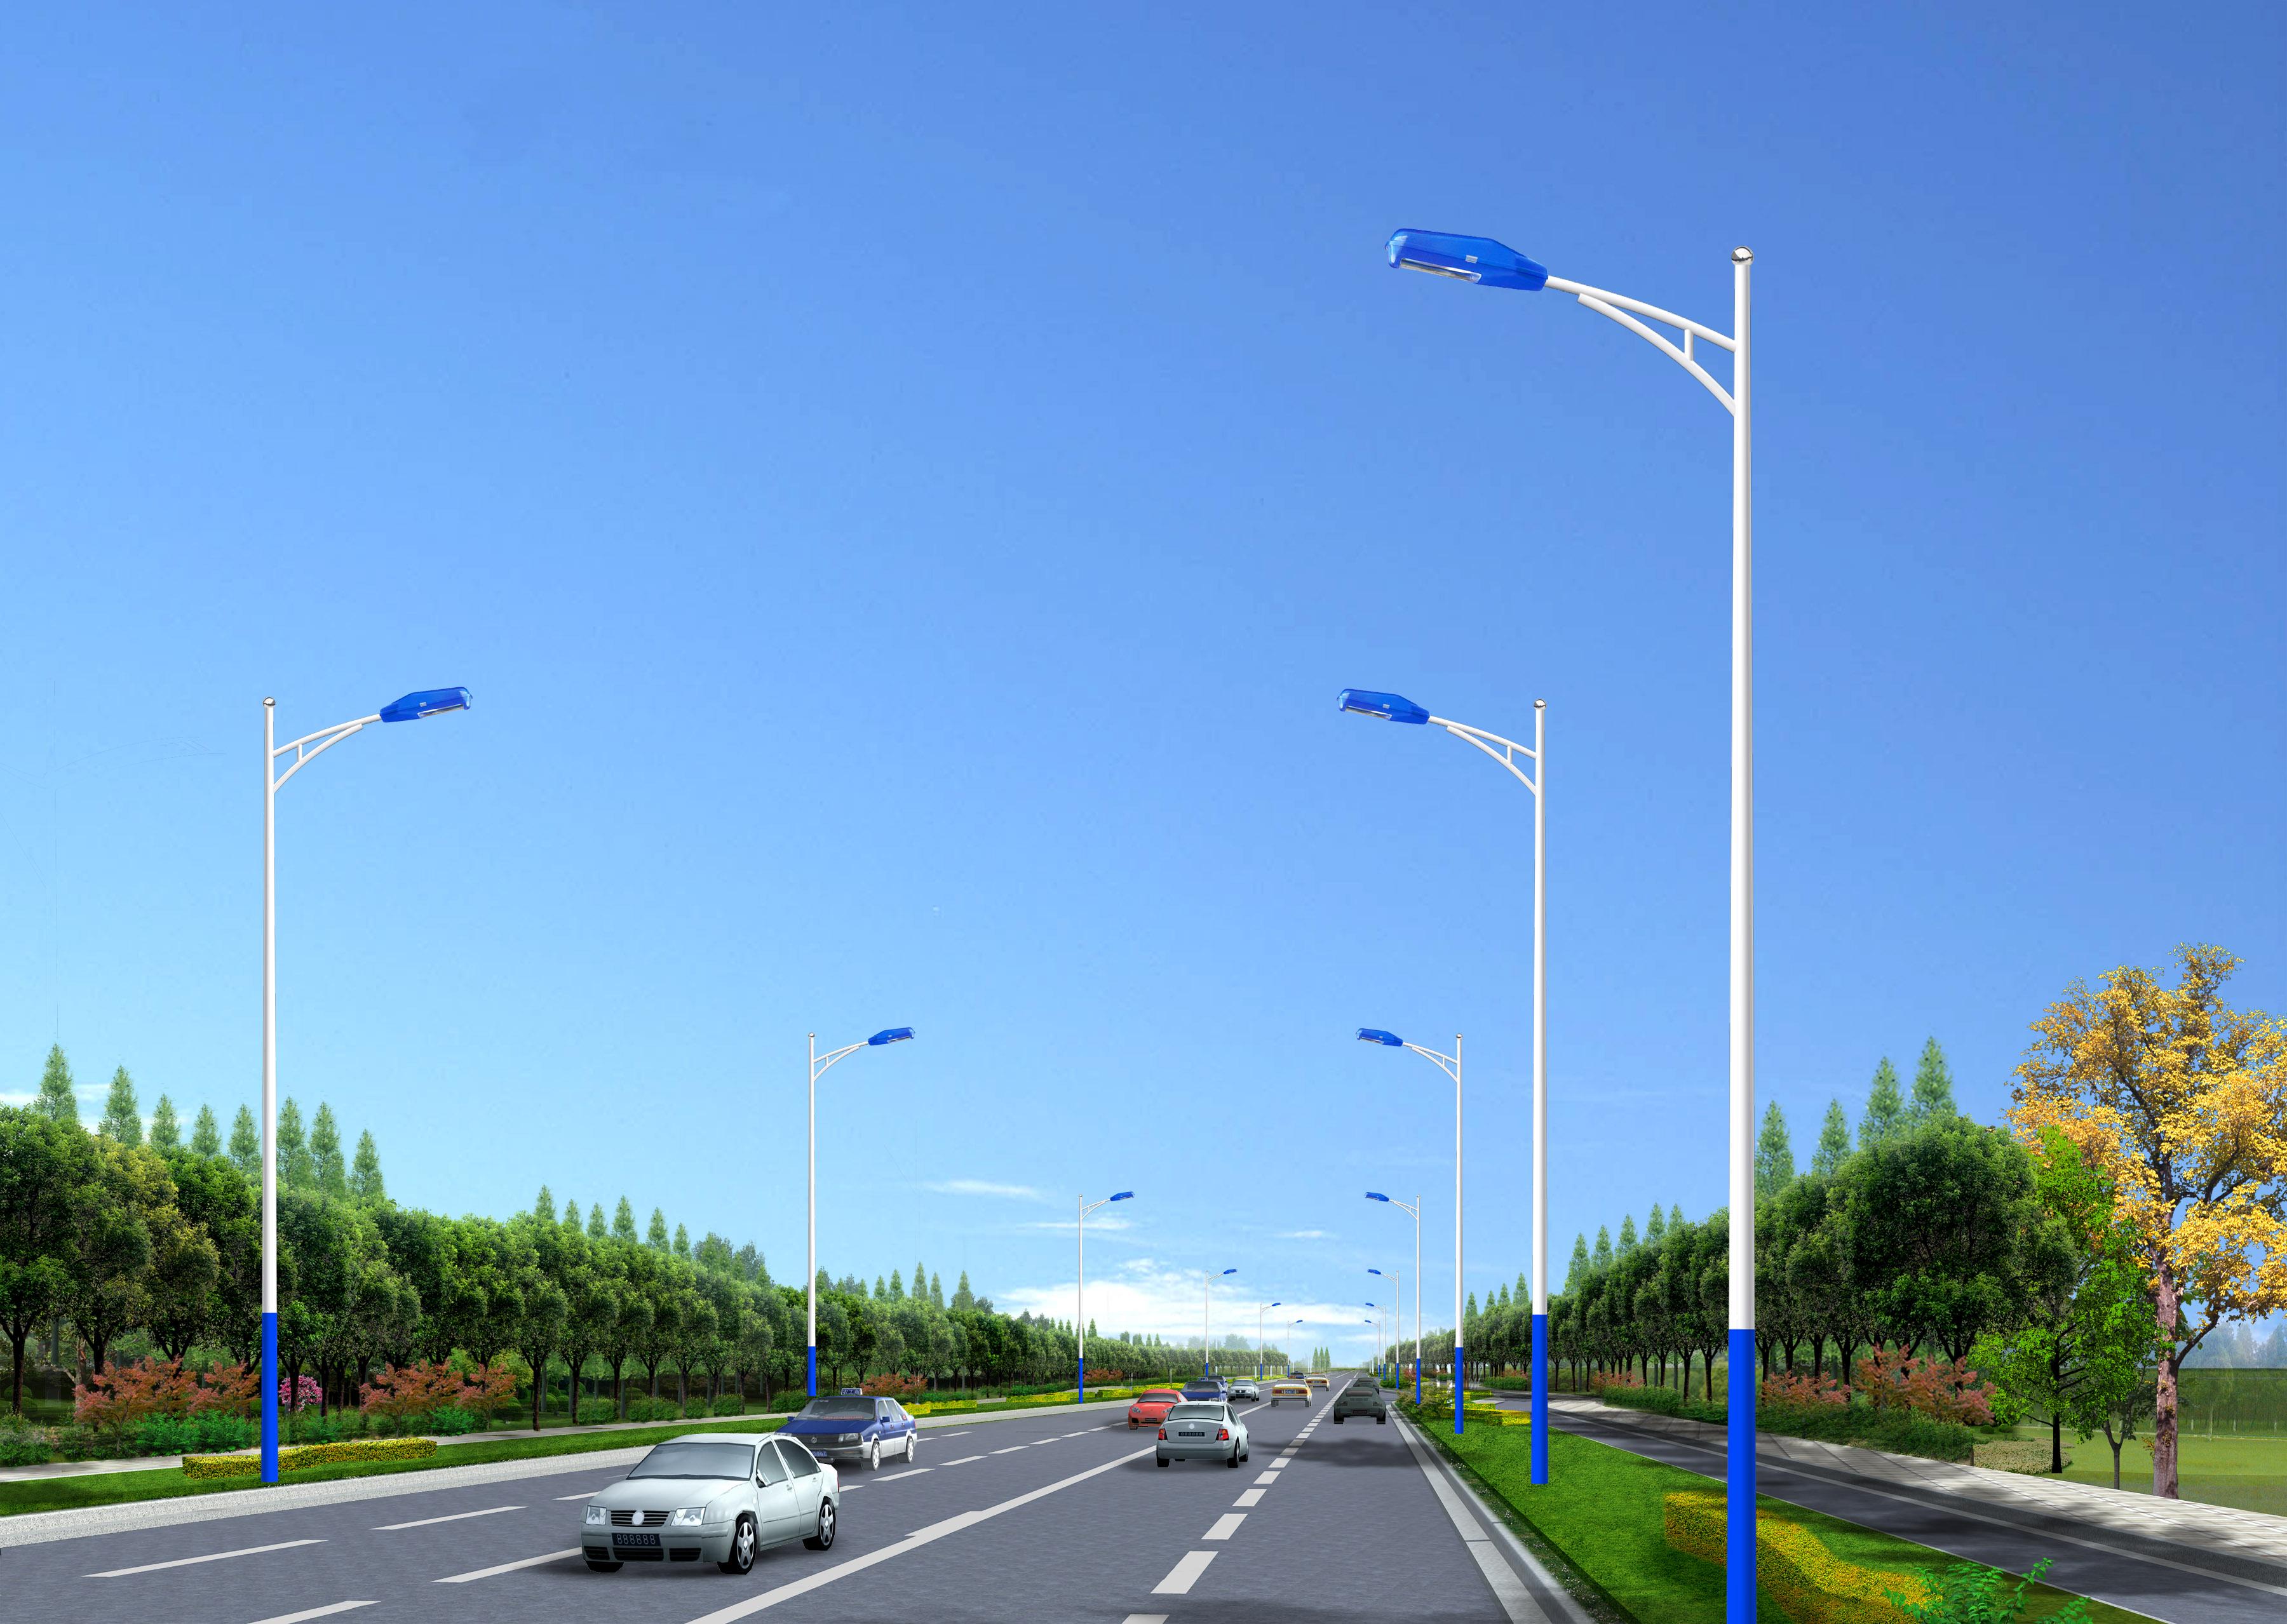 下蓝上白A字臂太阳能路灯